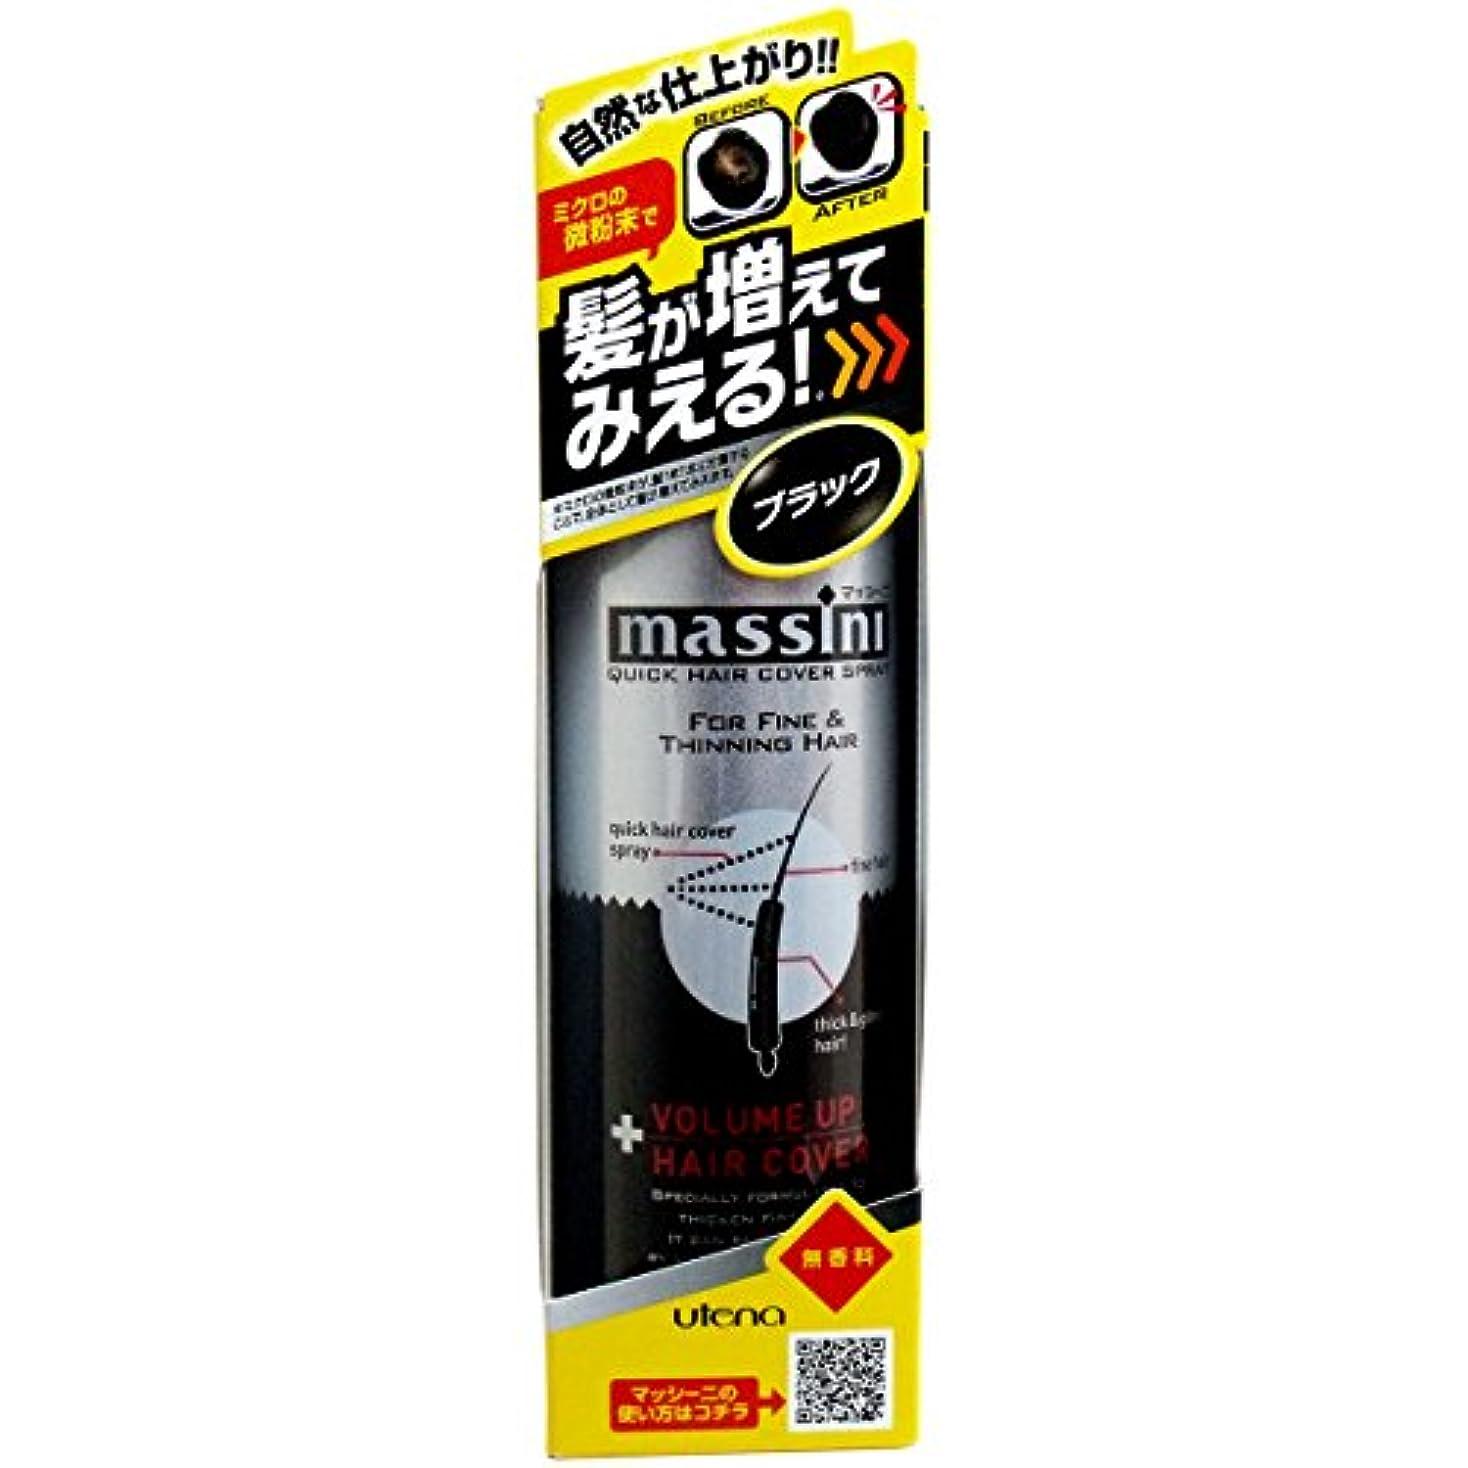 迅速鍔水曜日【ウテナ】マッシーニ クィックヘアカバースプレー(ブラック) 140g ×3個セット